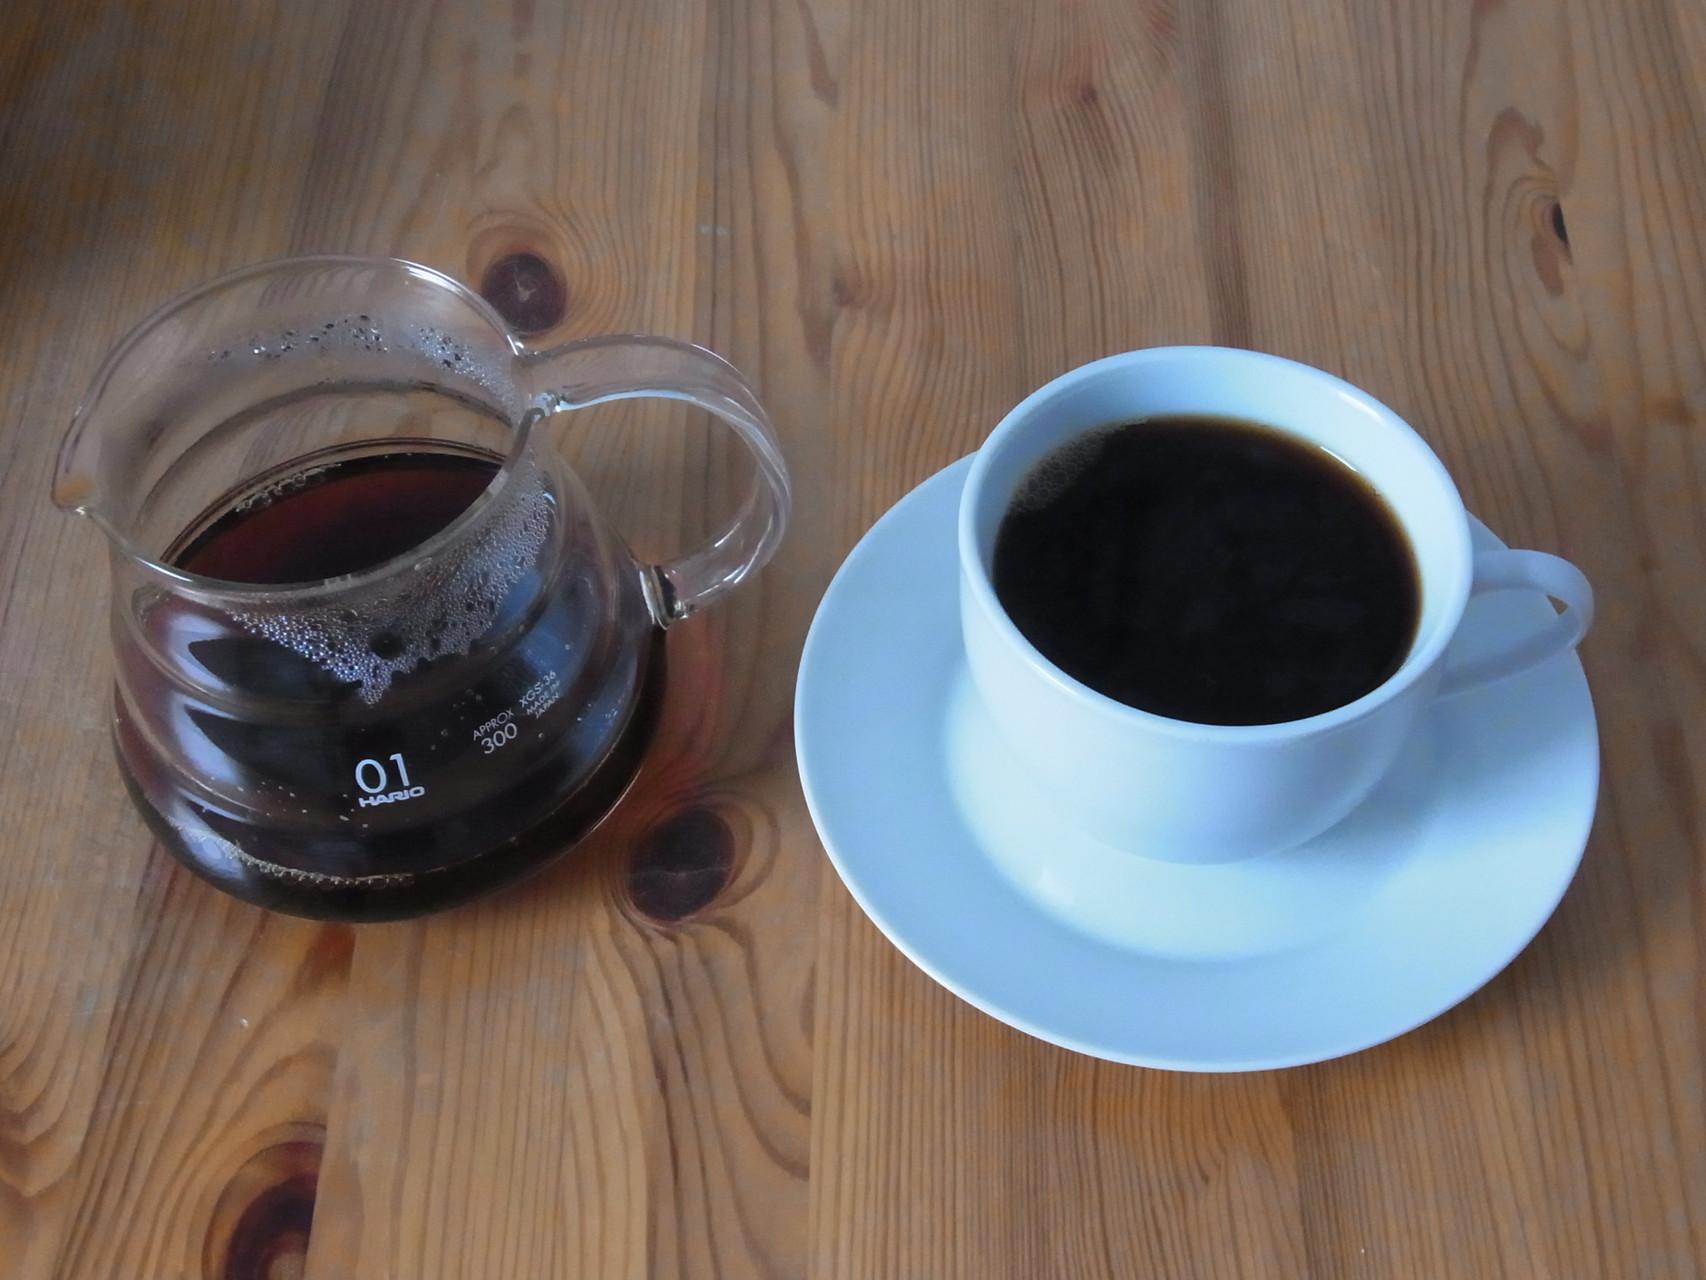 Für guten Kaffeegeschmack sollten wir hier im Bereich von 18% - 22% gelösten wertvollen Inhaltsstoffen aus der Bohne liegen